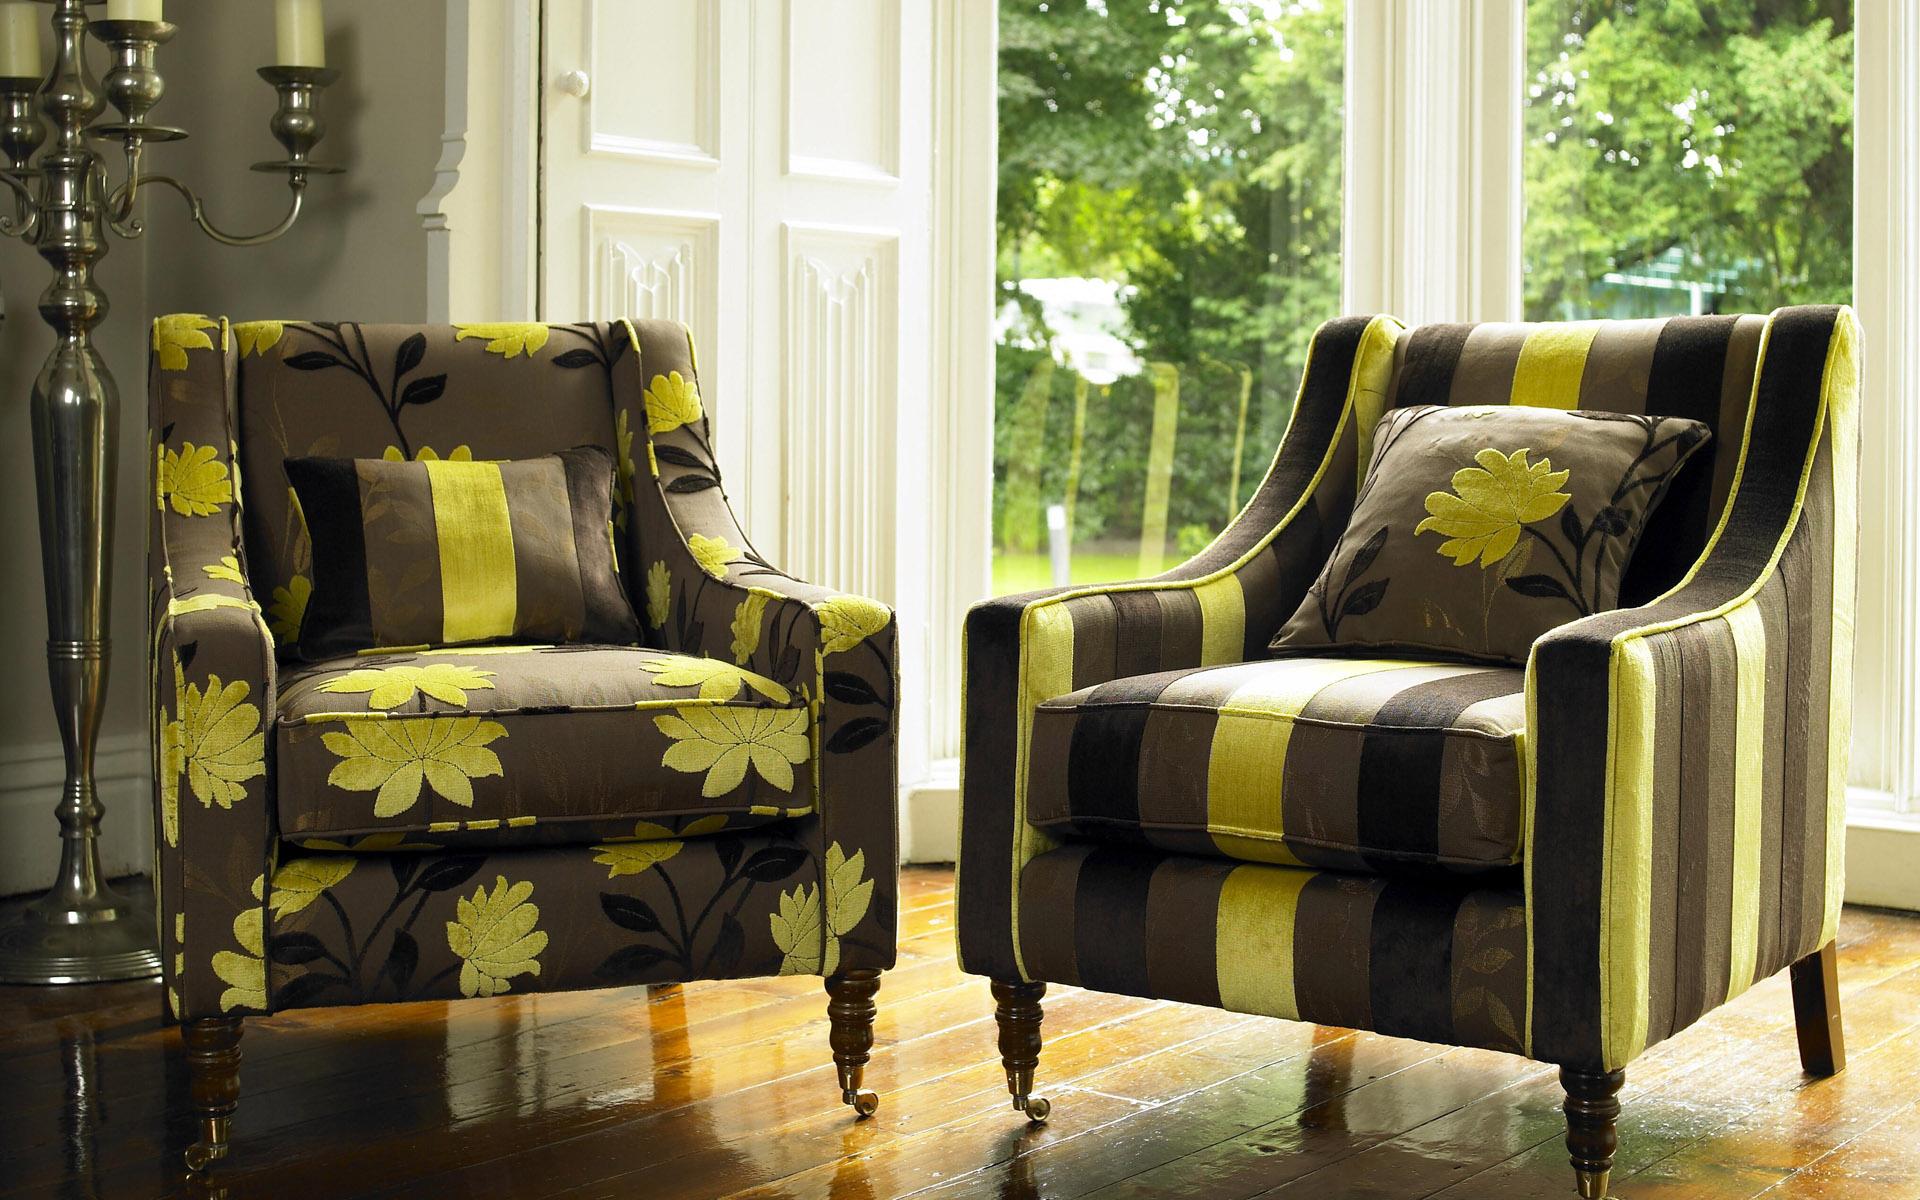 33 40 amazing interior design ideas